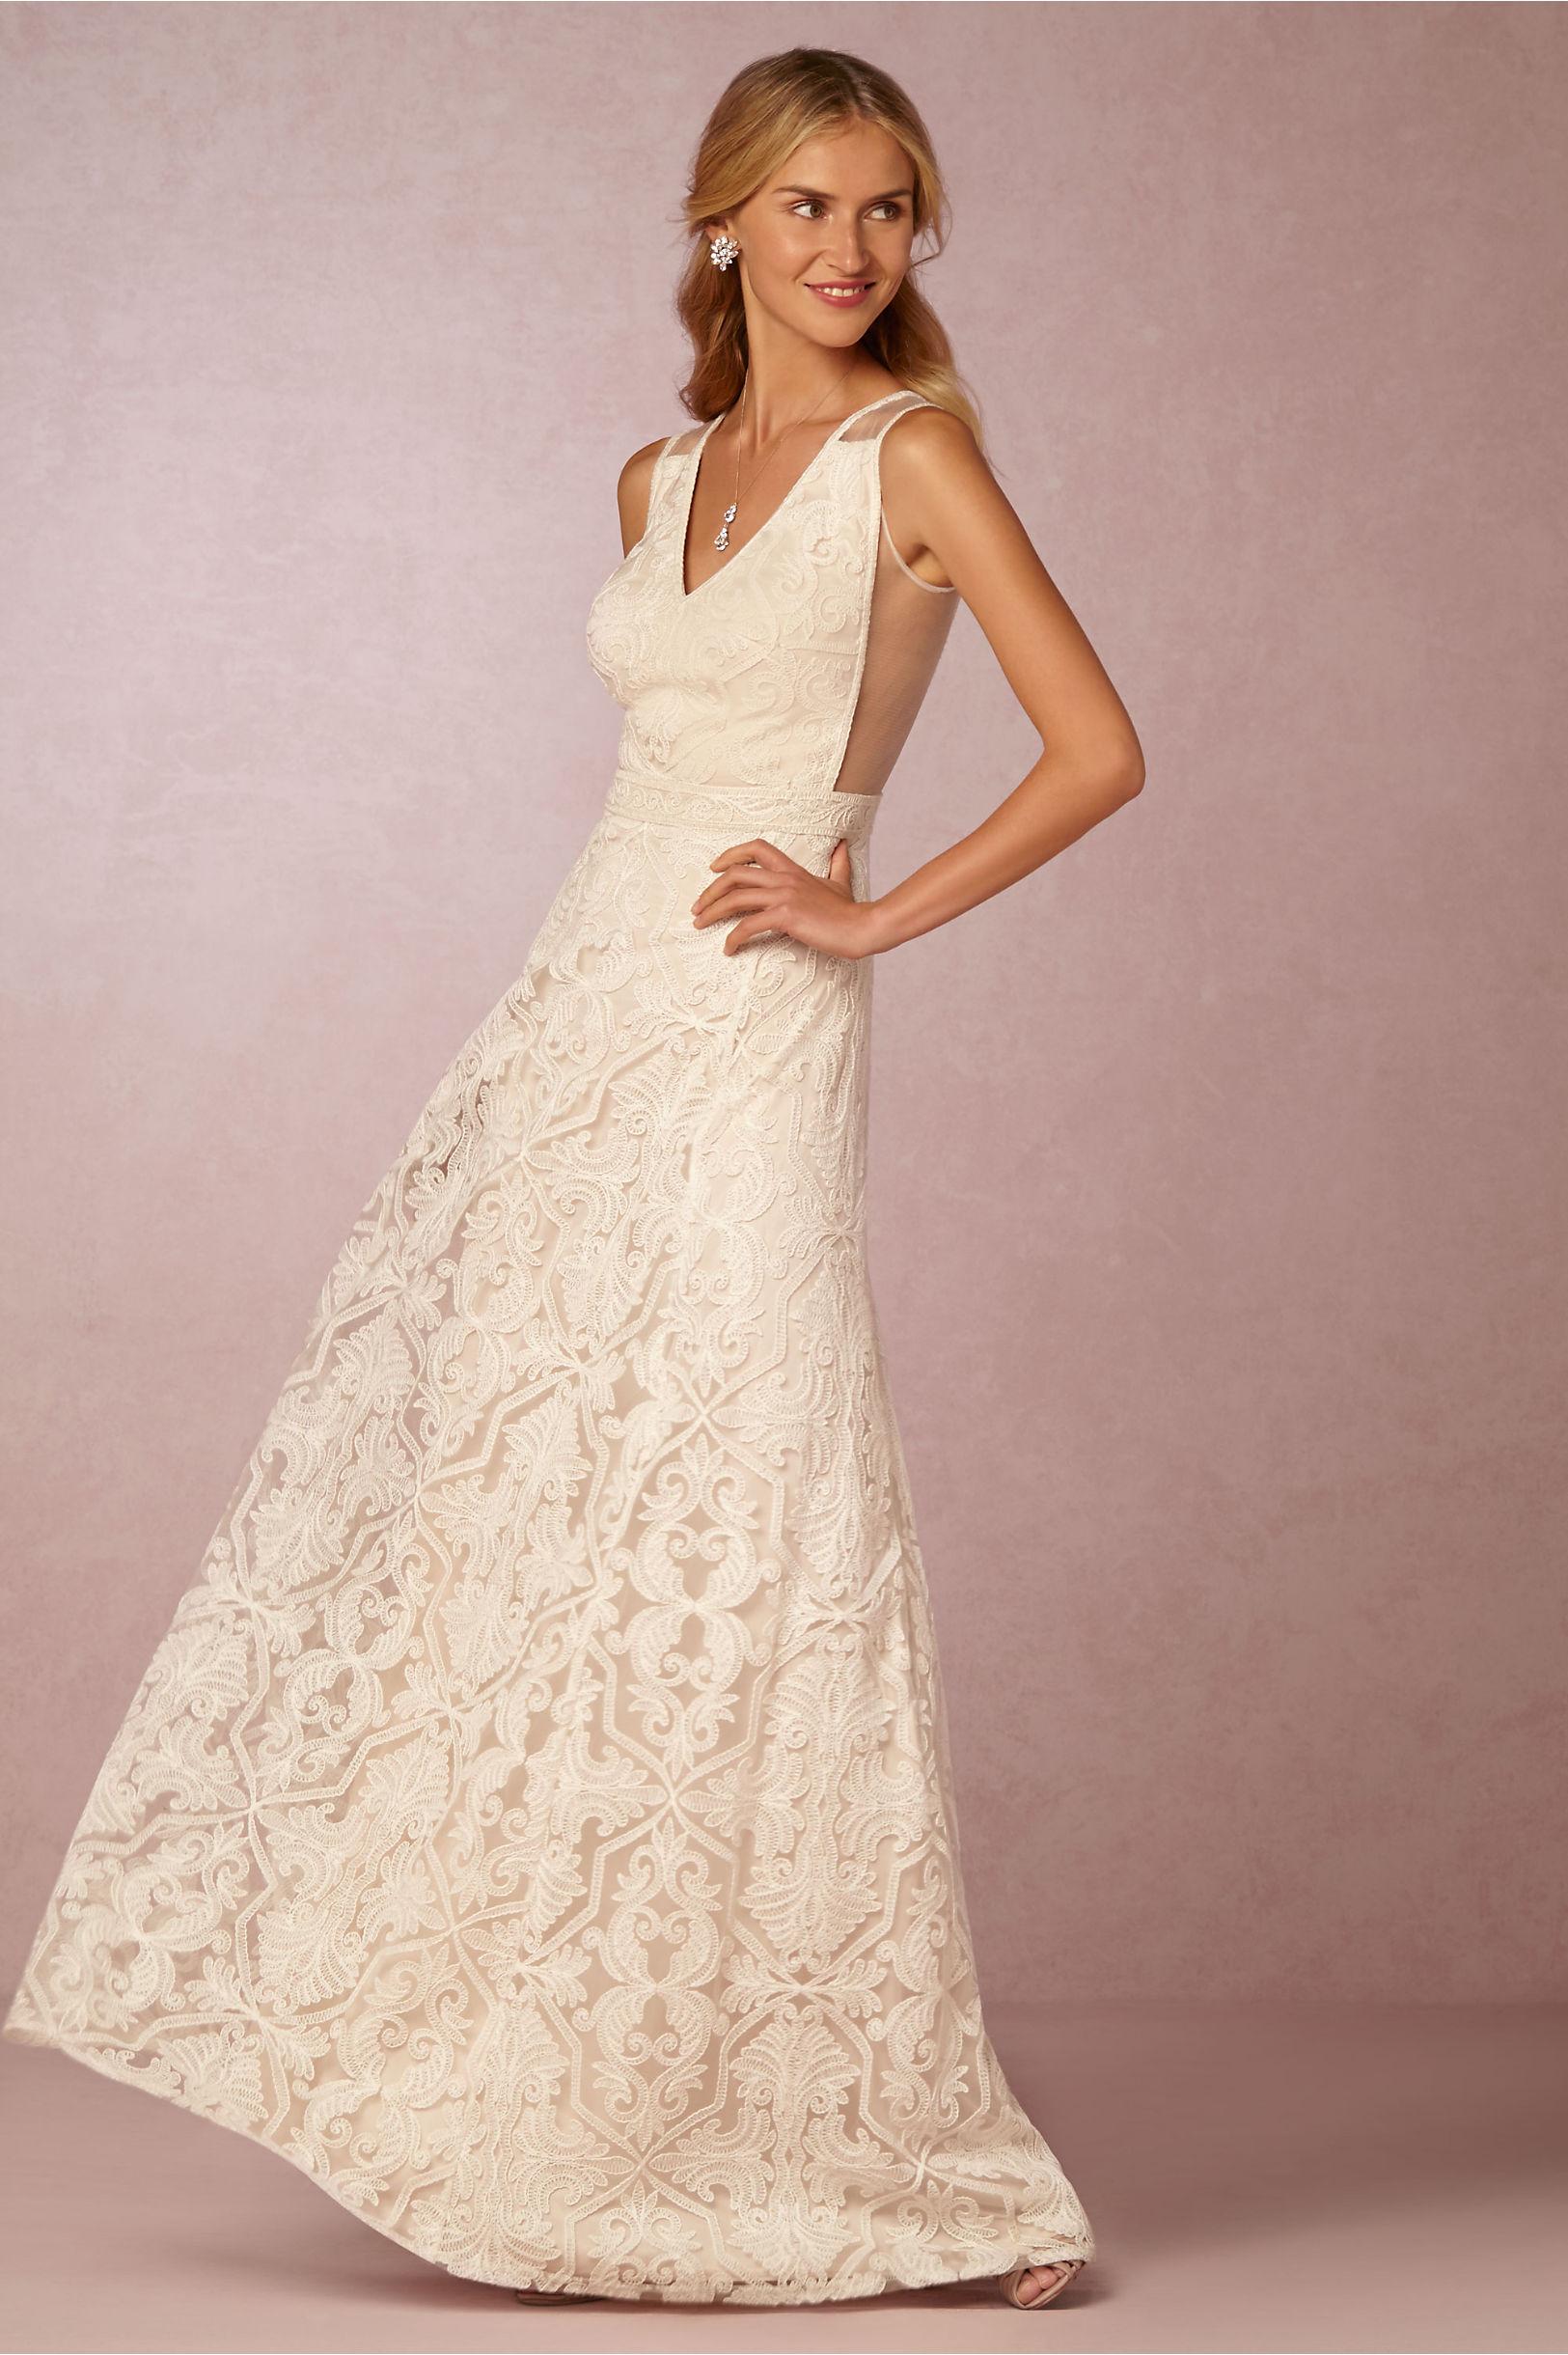 Superior Tadashi Shoji Ivory/Petal Pendleton Gown | BHLDN